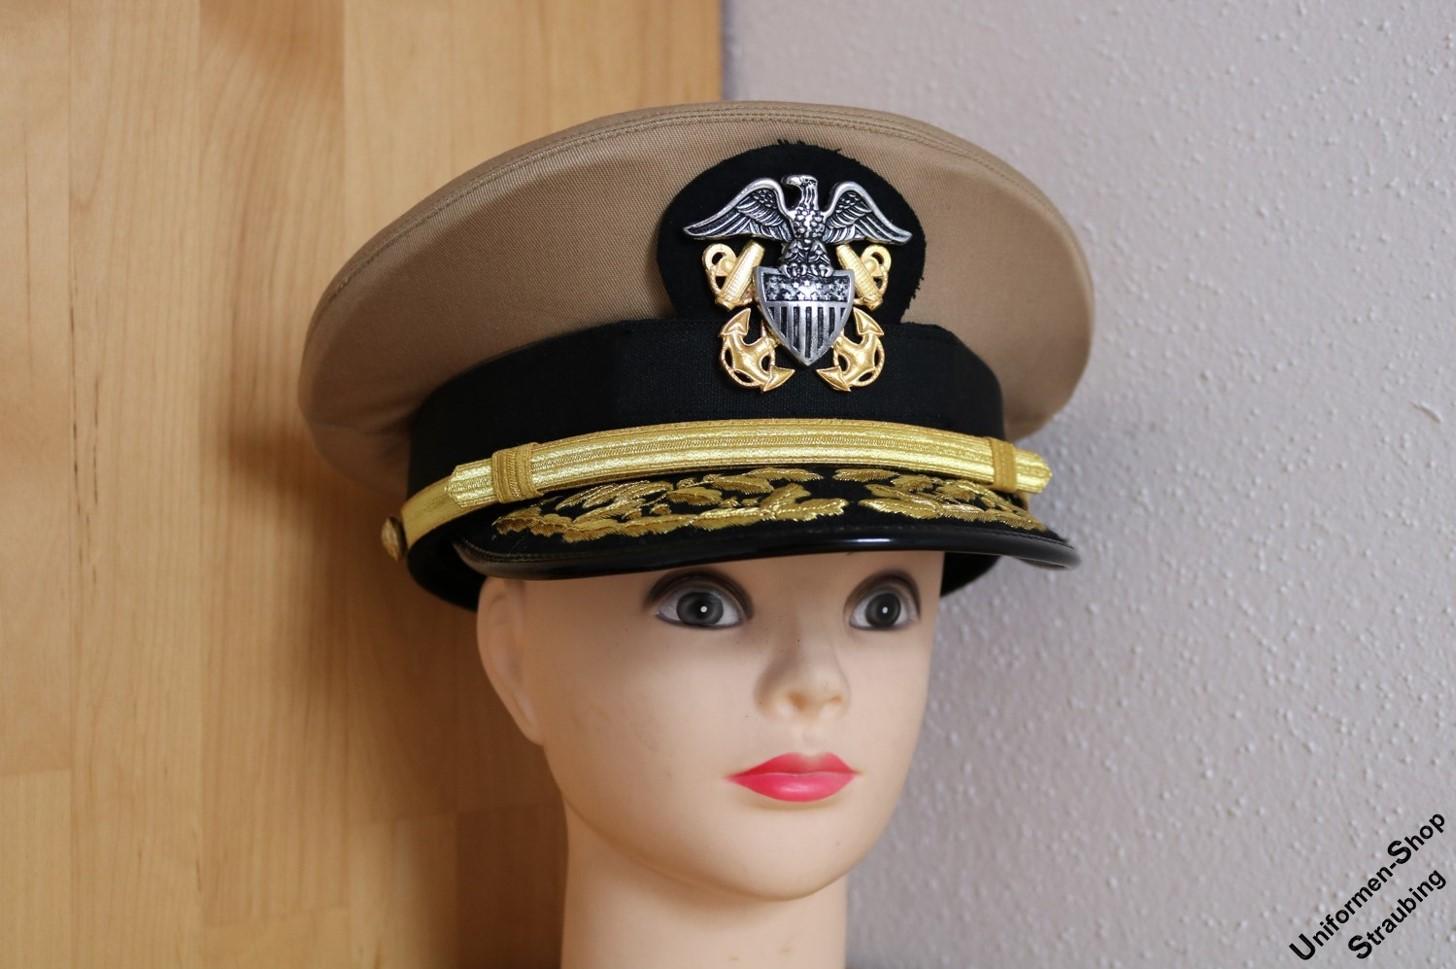 uniformen der us navy